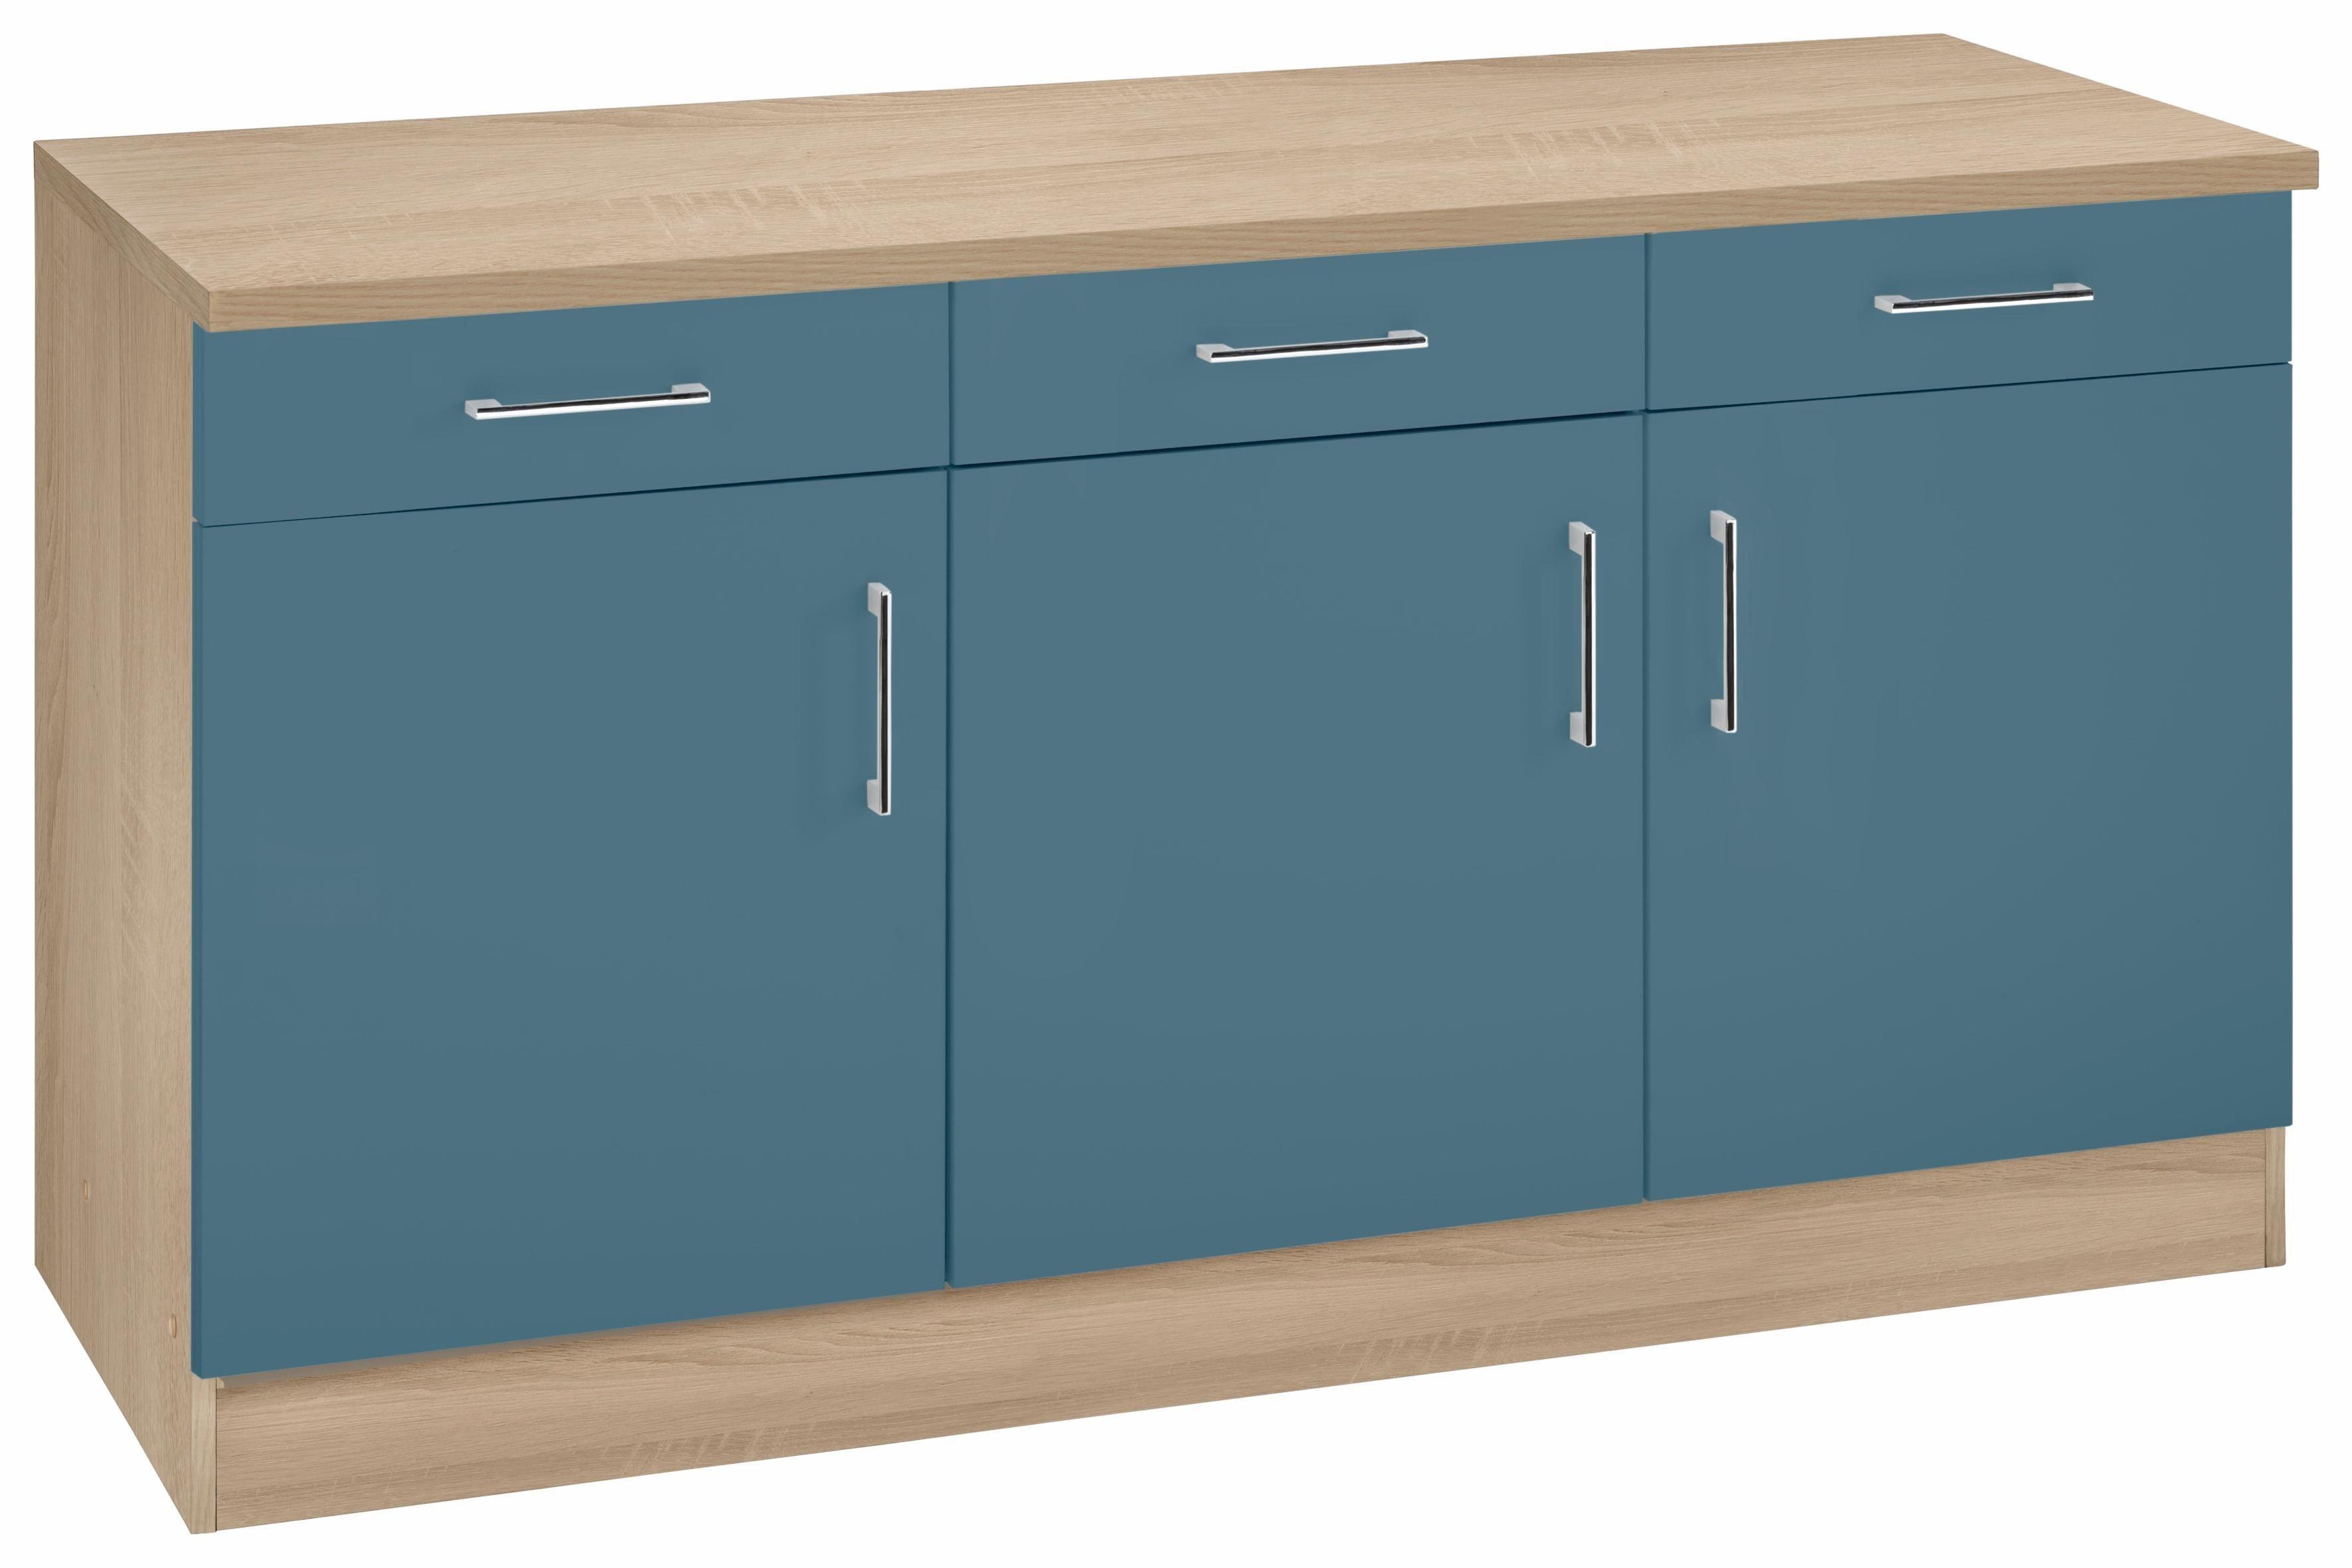 matt-melamin Küchen-Unterschränke online kaufen | Möbel-Suchmaschine ...